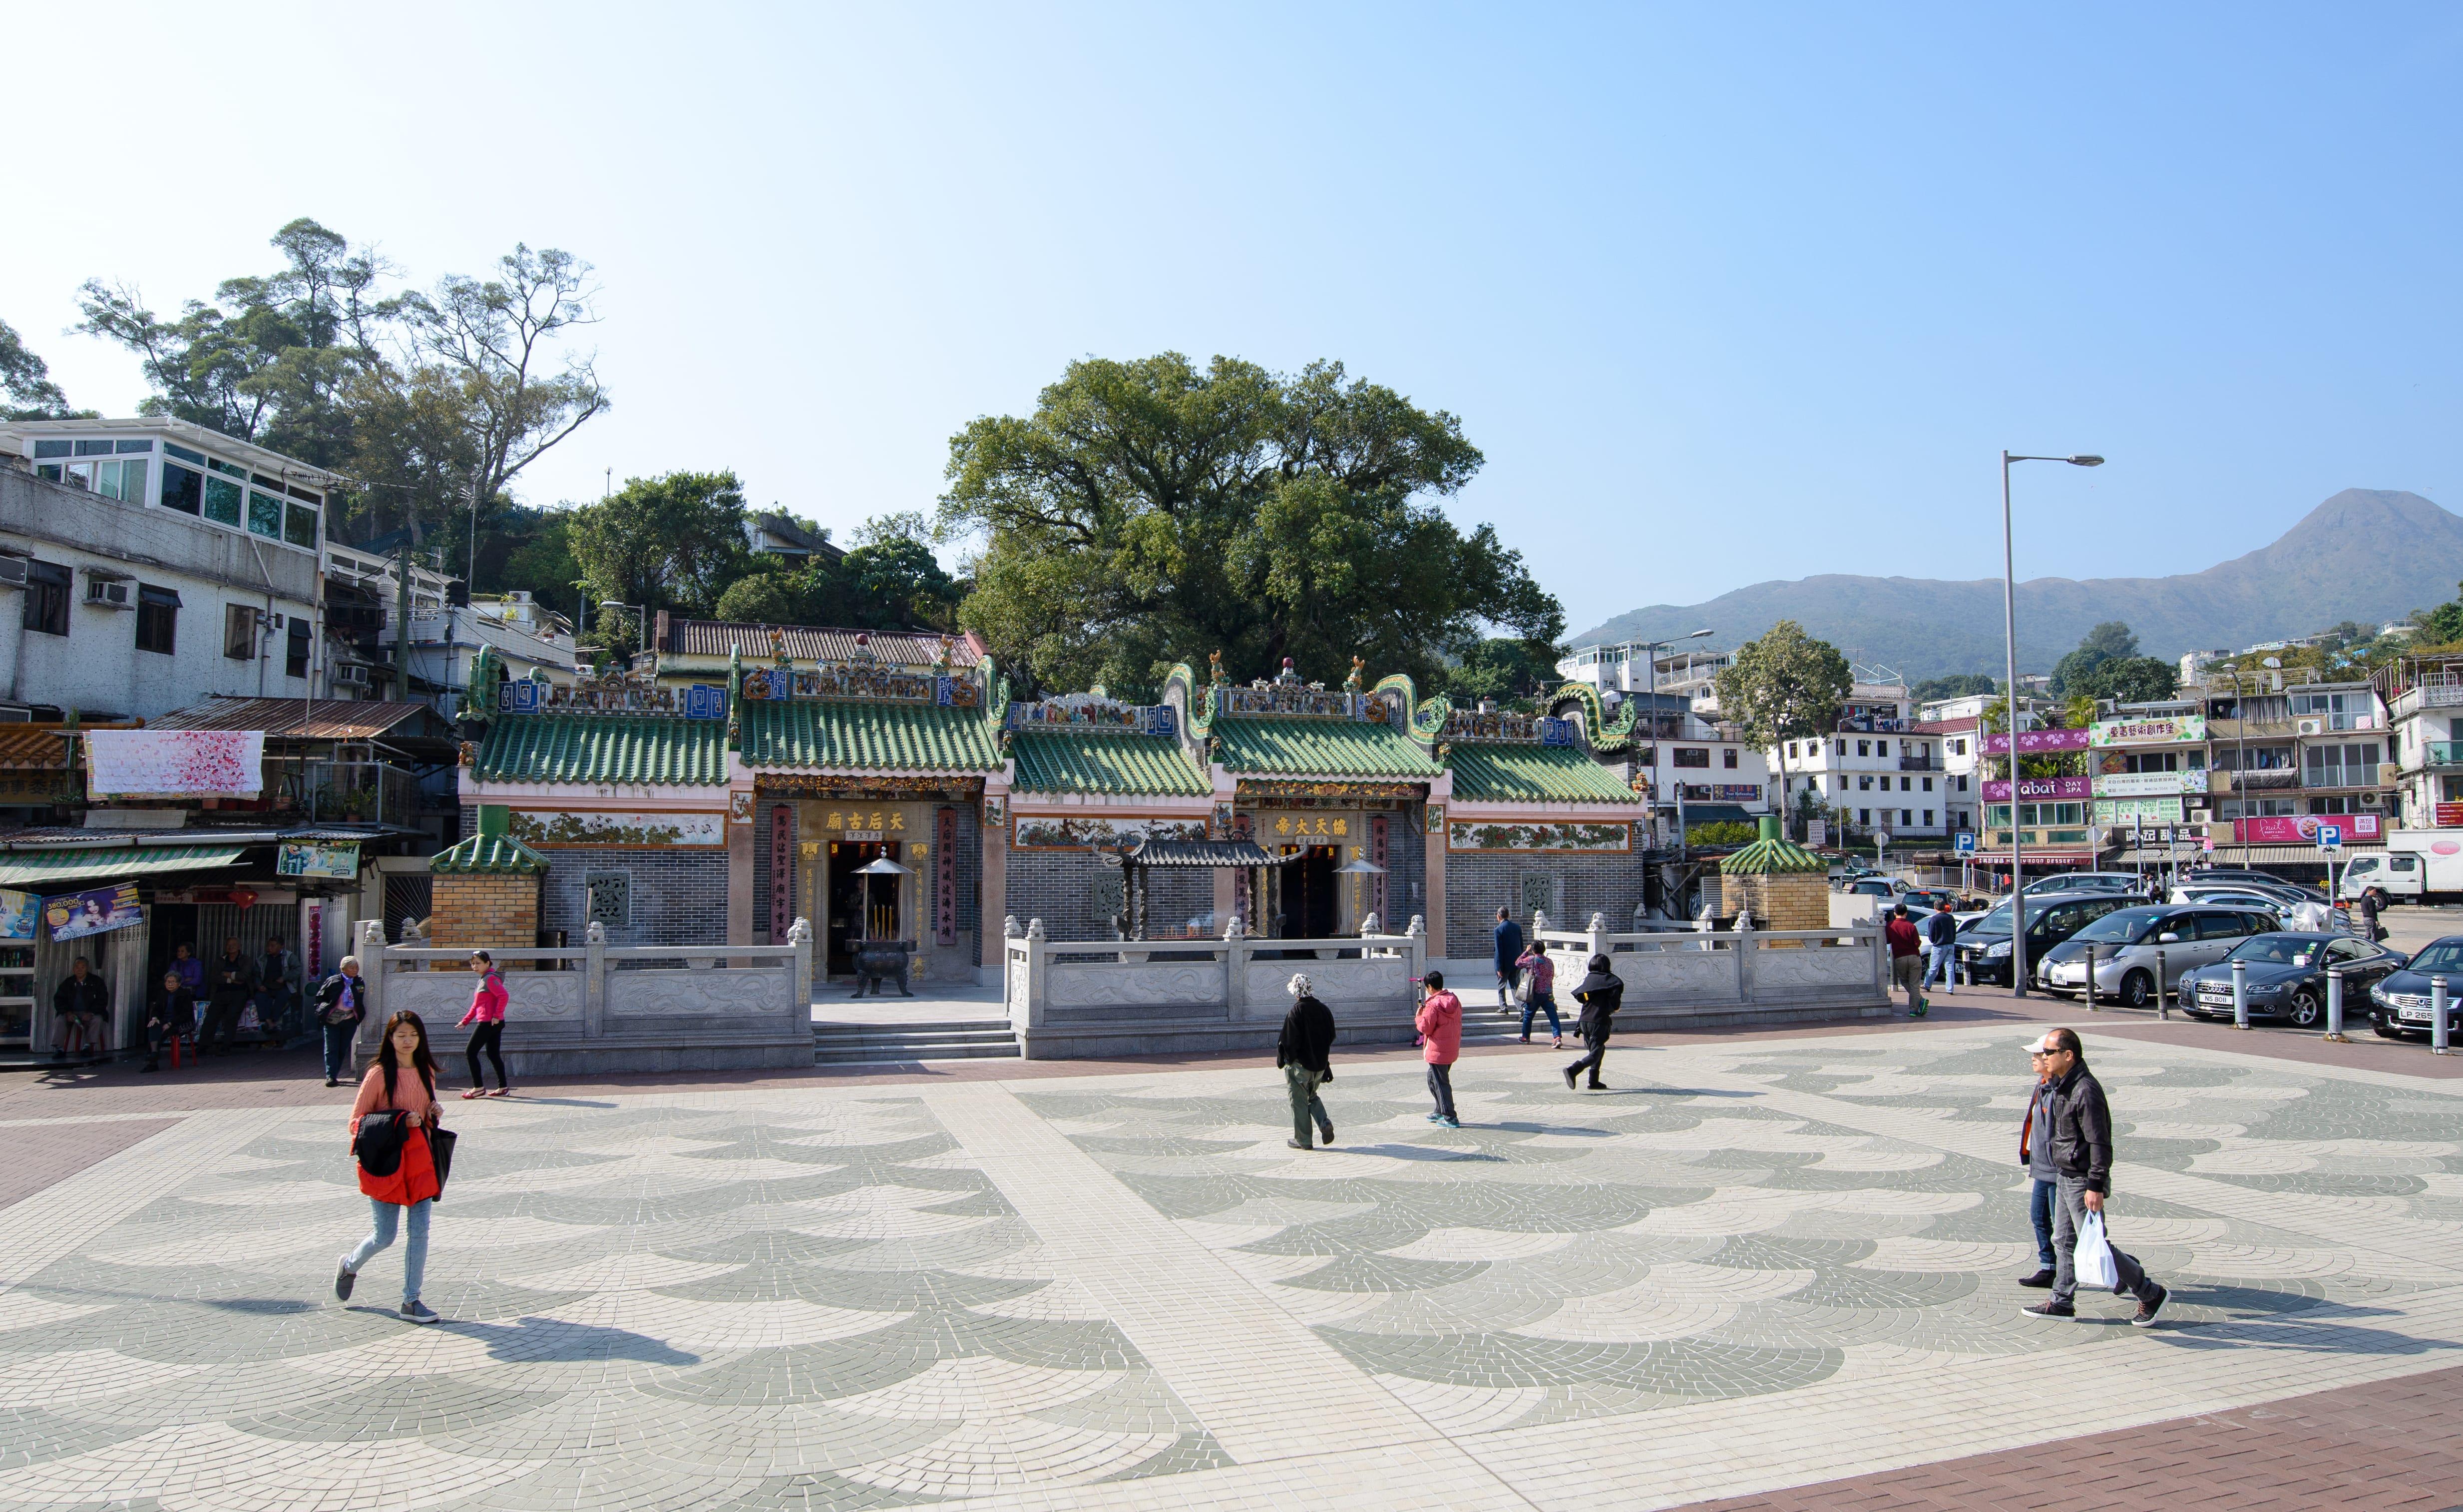 Tin Hau Temple at Sai Kung City Area